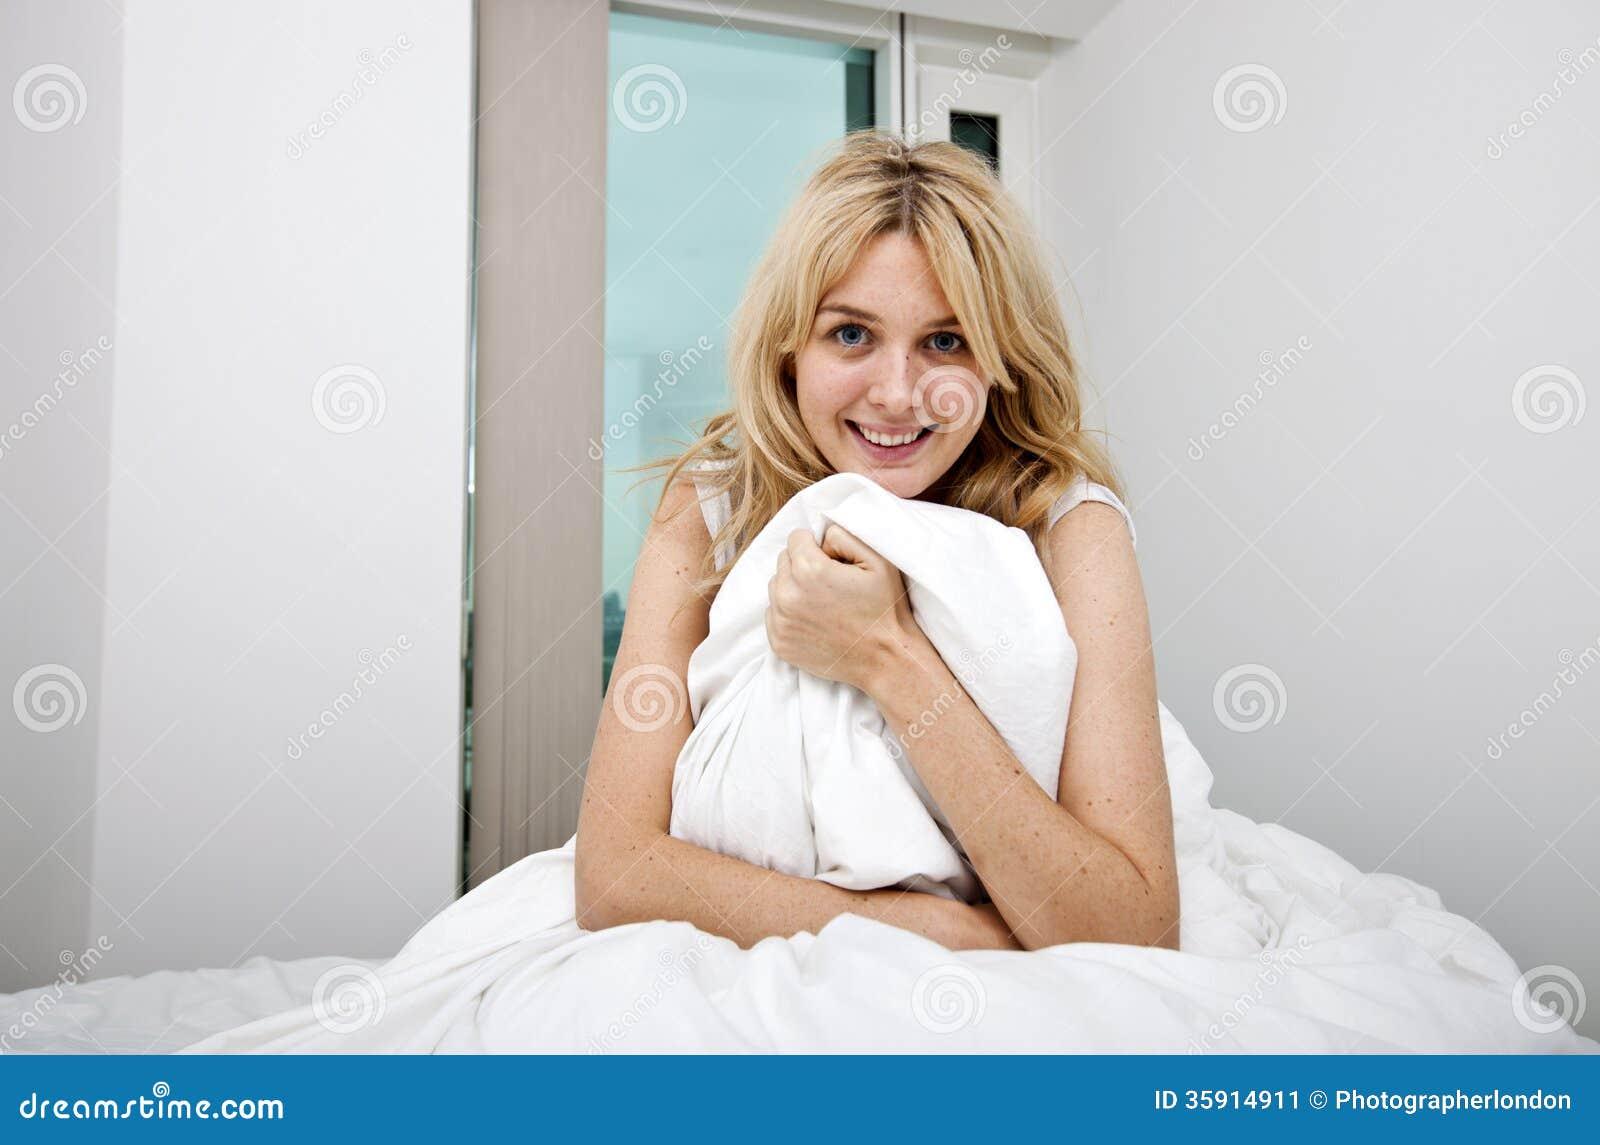 Ritratto della giovane donna con la trapunta che si siede - Letto che si chiude ...